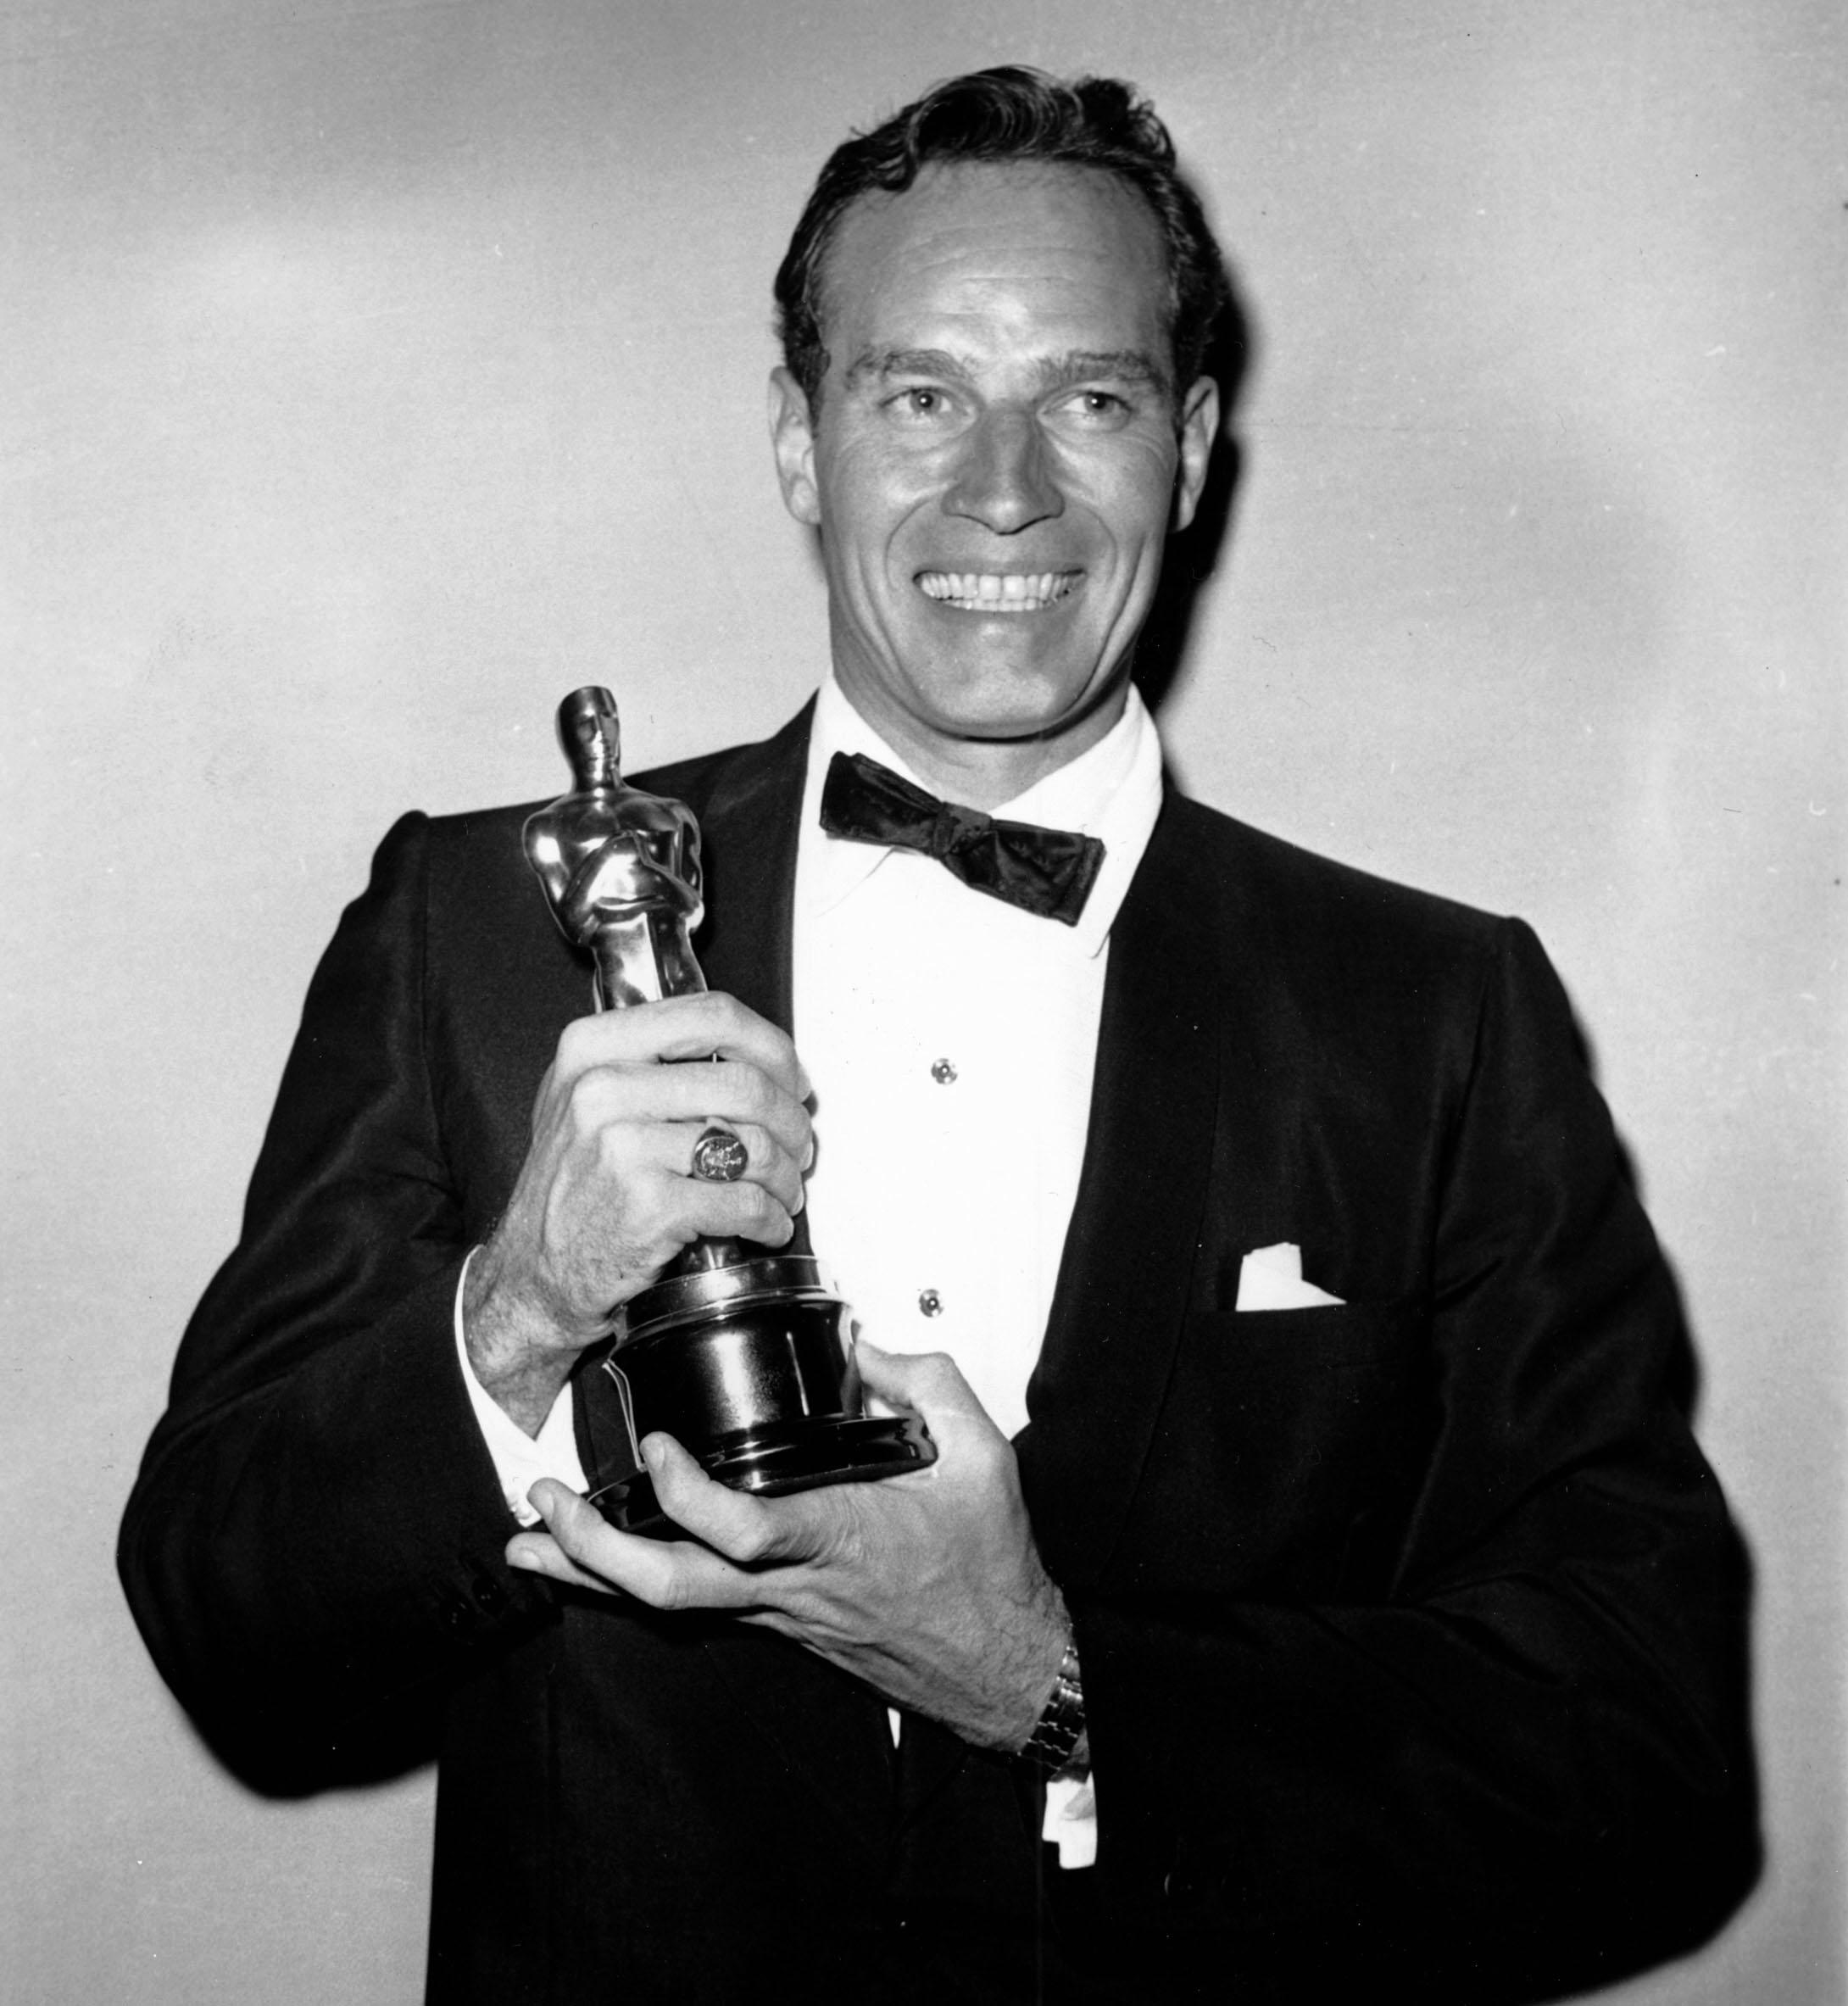 卻爾登希斯頓於1960年4月1日以「賓漢」奪下32屆奧斯卡影帝。(美聯社)